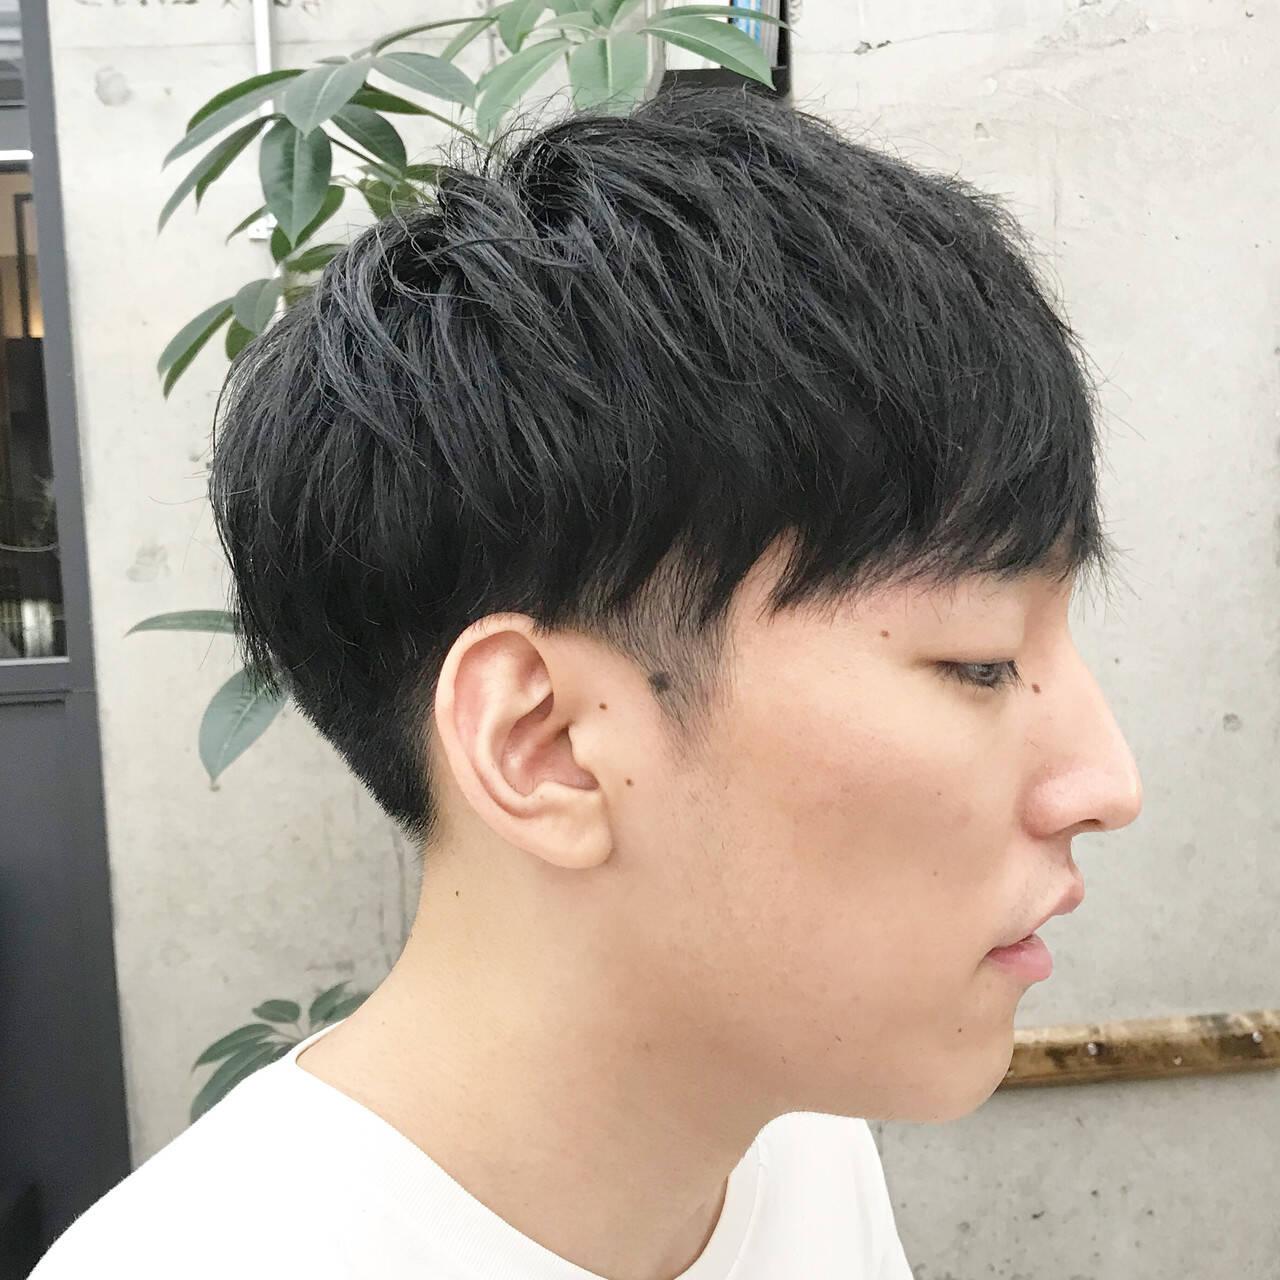 ショートヘア マッシュショート メンズカット 刈り上げヘアスタイルや髪型の写真・画像